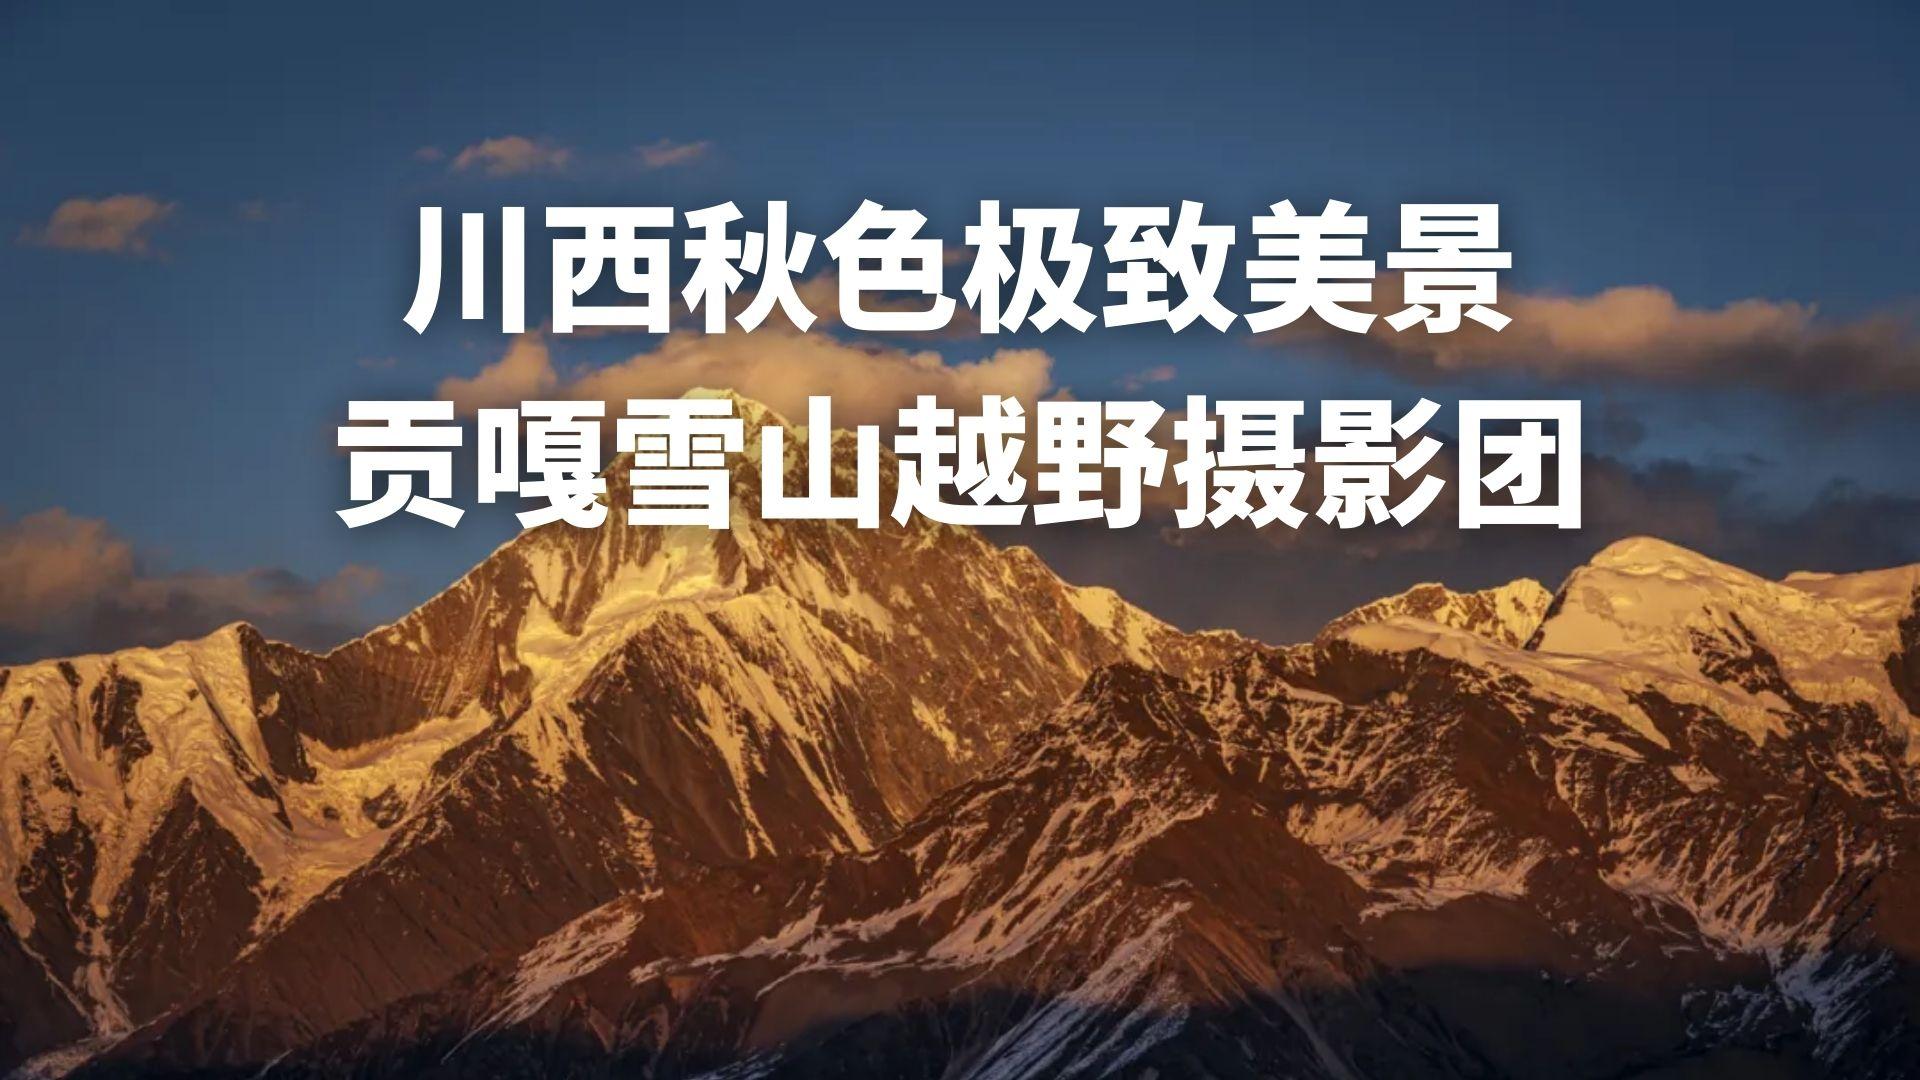 川西秋色极致美景 贡嘎雪山越野摄影团